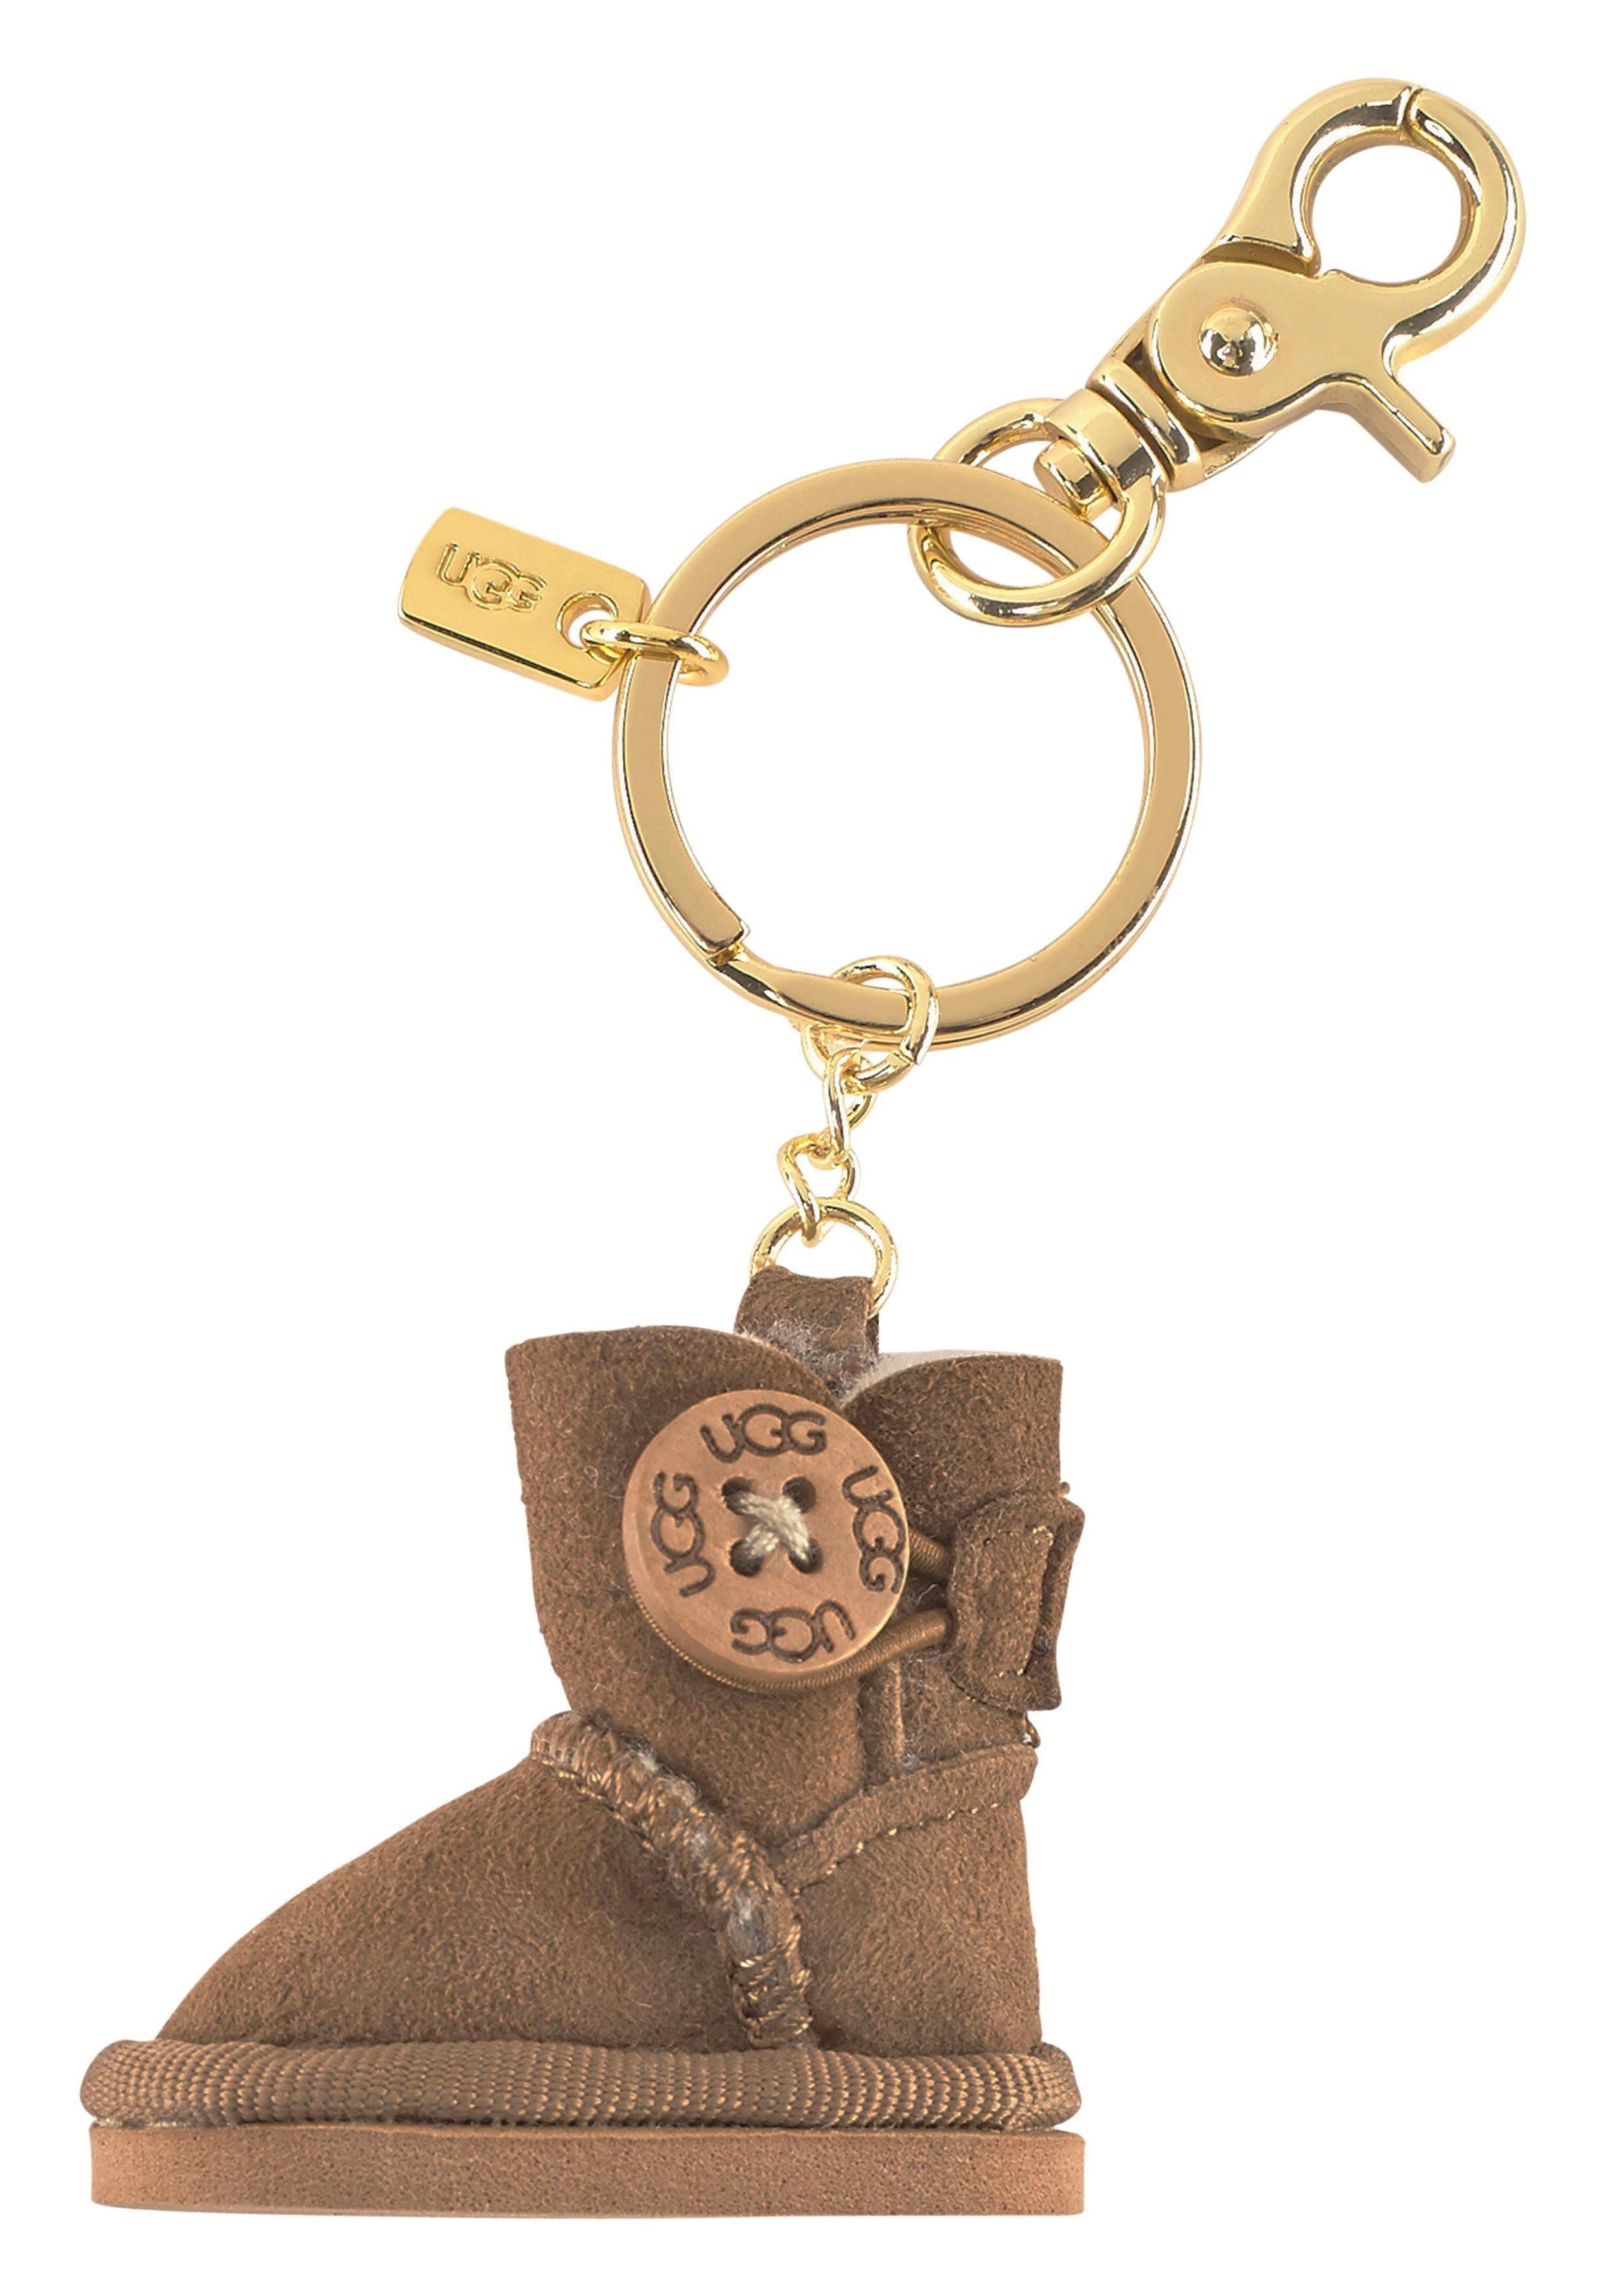 UGG Schlüsselanhänger, im UGG-Design